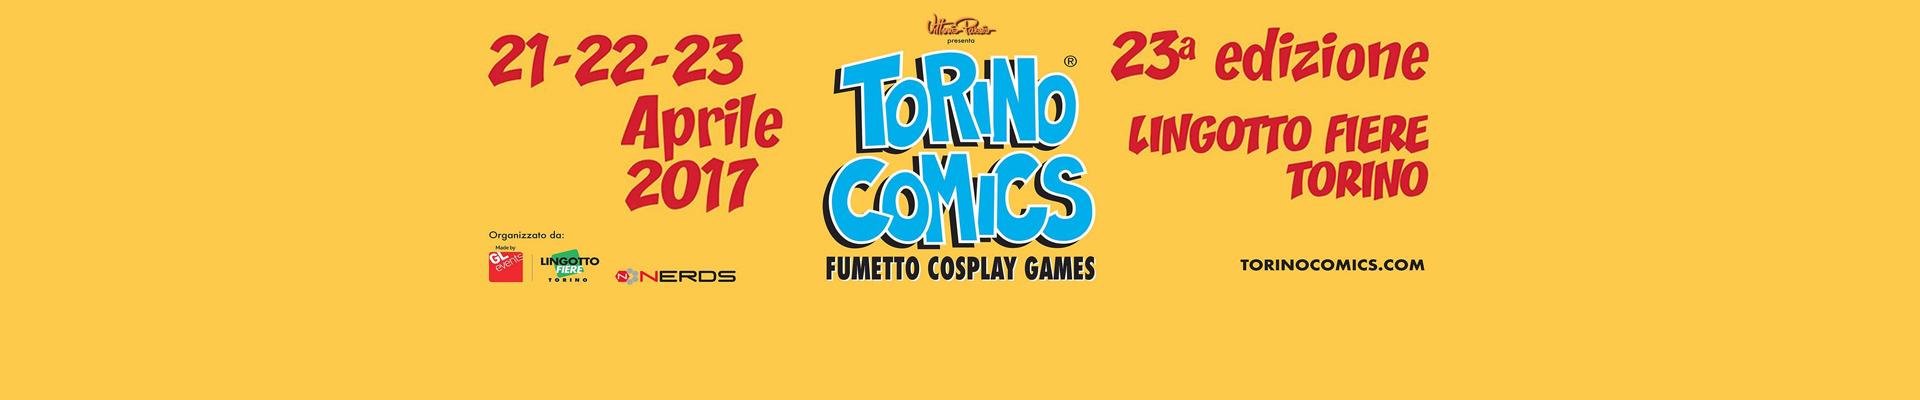 Torino-Comics-2017-banner